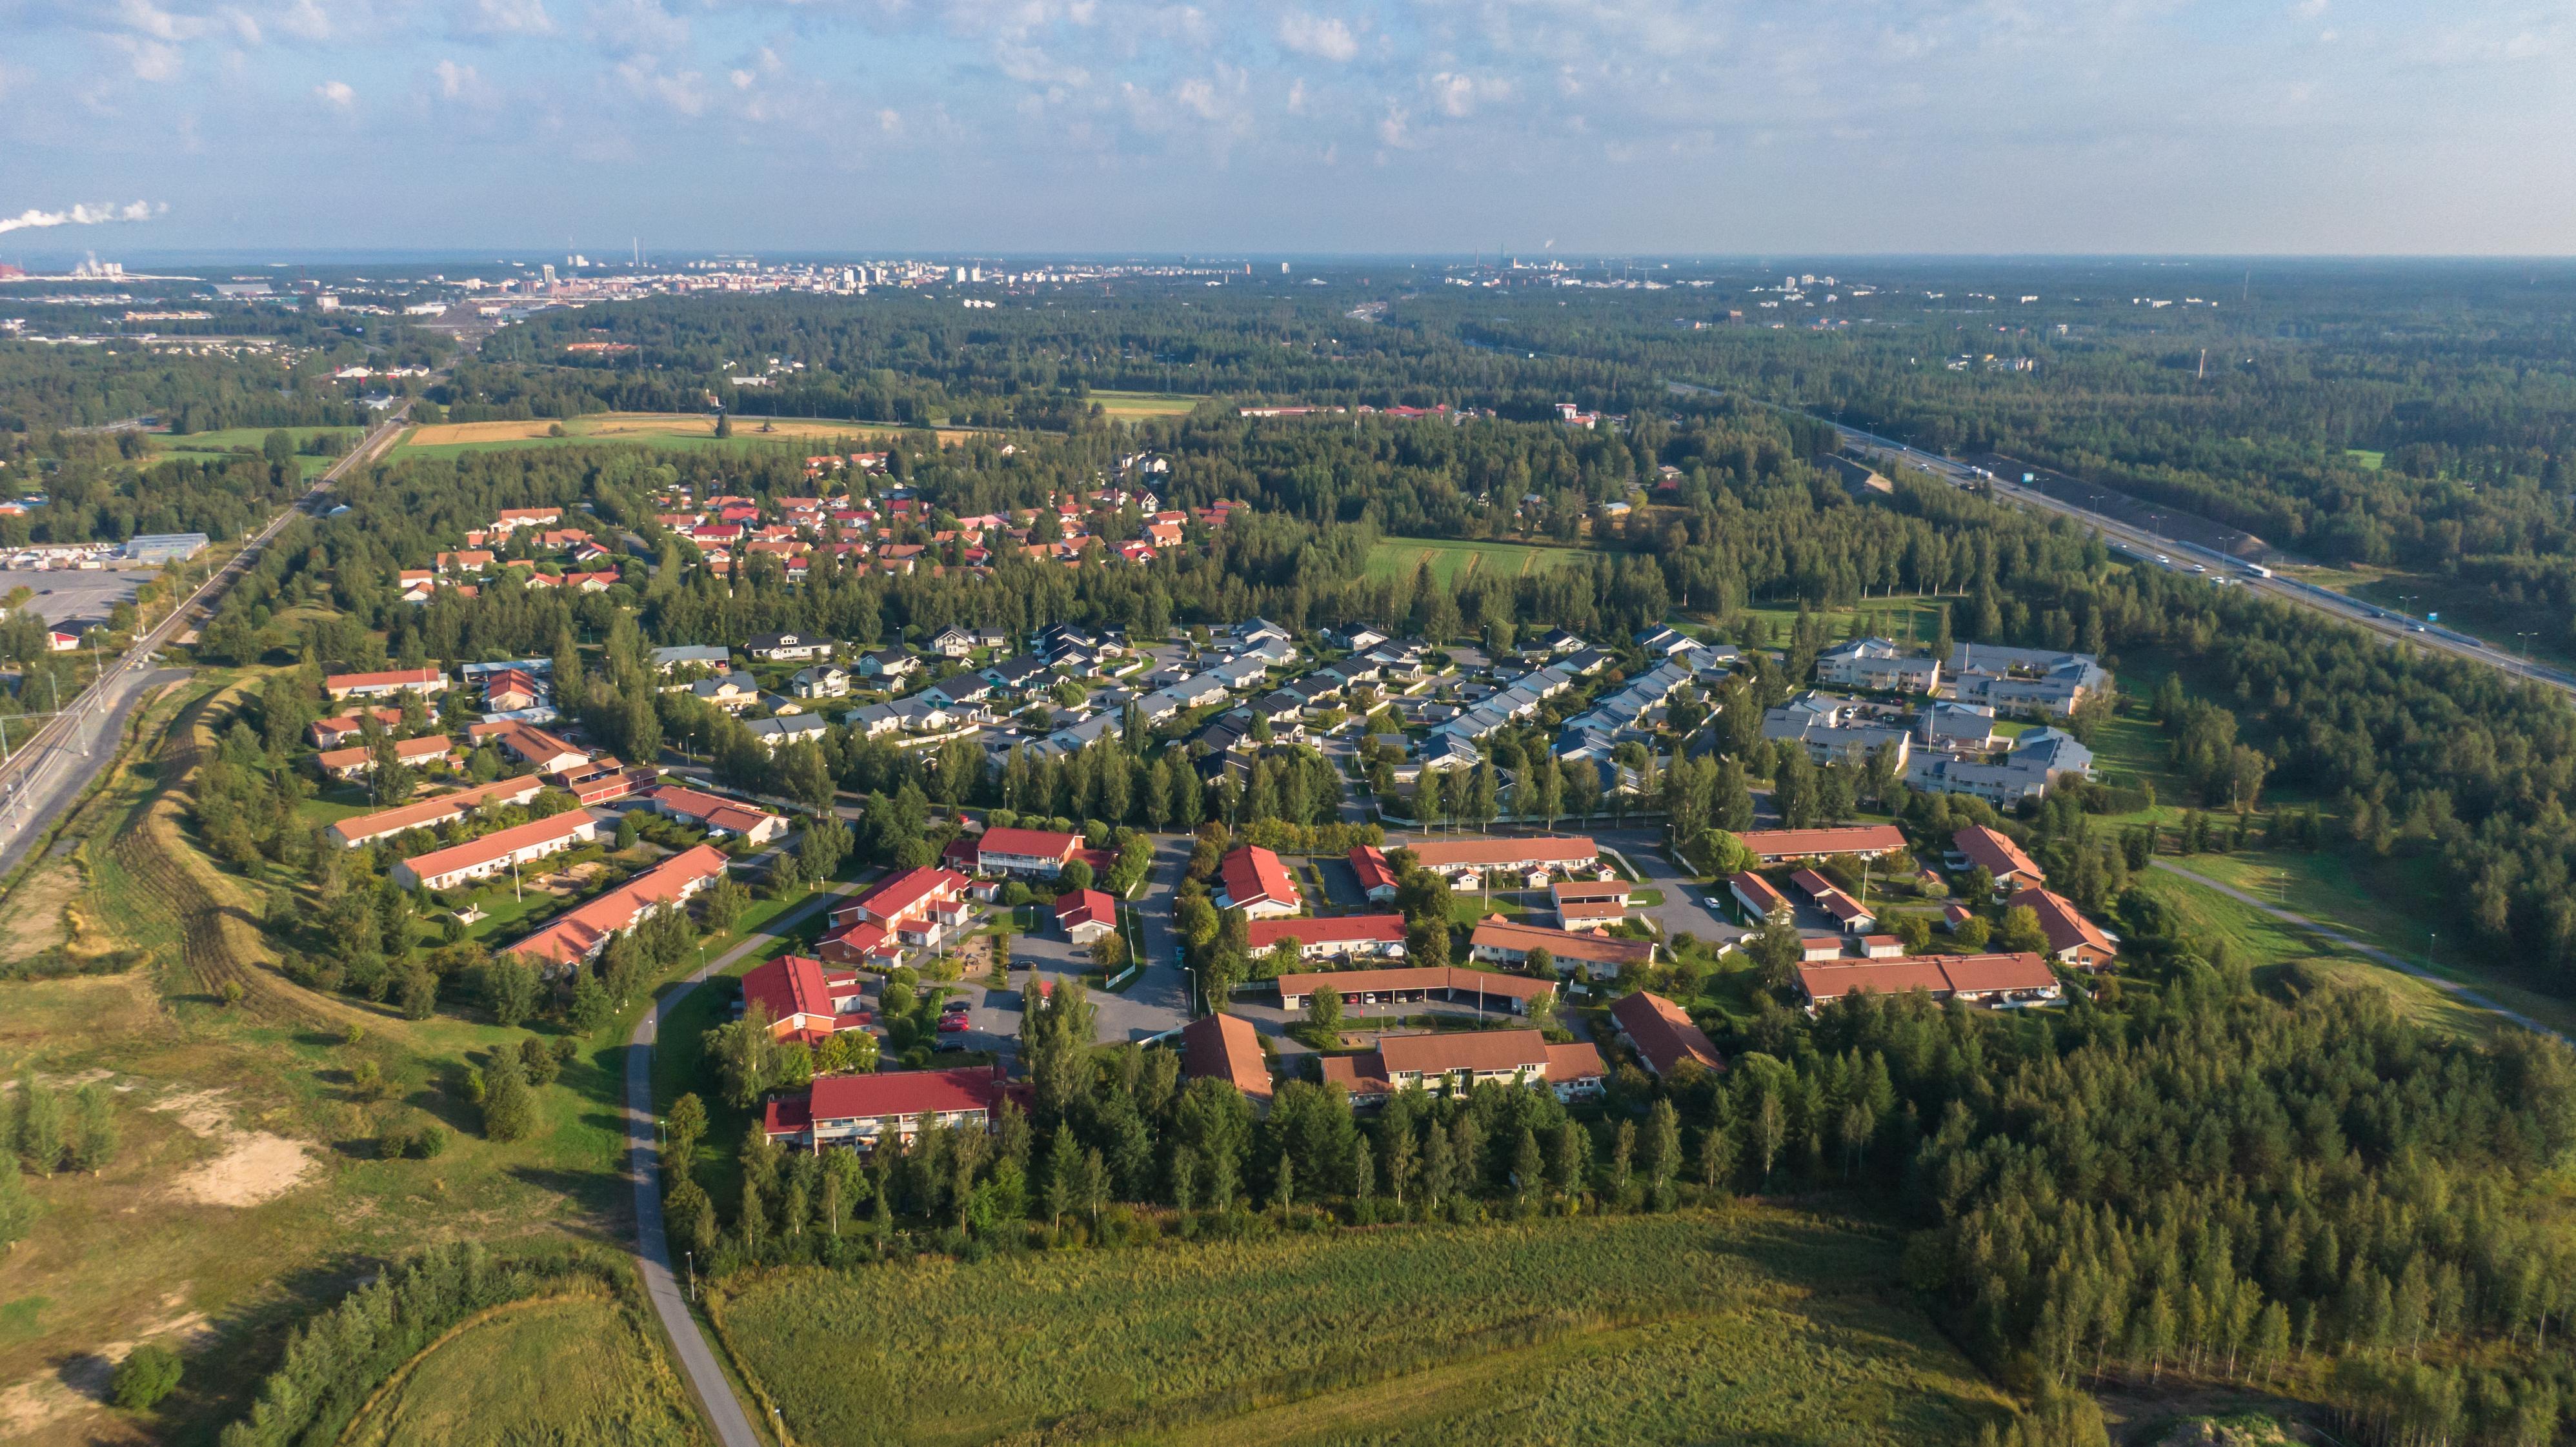 Ilmasta otettu kuva Oulun Kiviniemestä. Alueelta on viisi kilometriä keskustaan. Metsää, teitä ja erilaisia taloja.